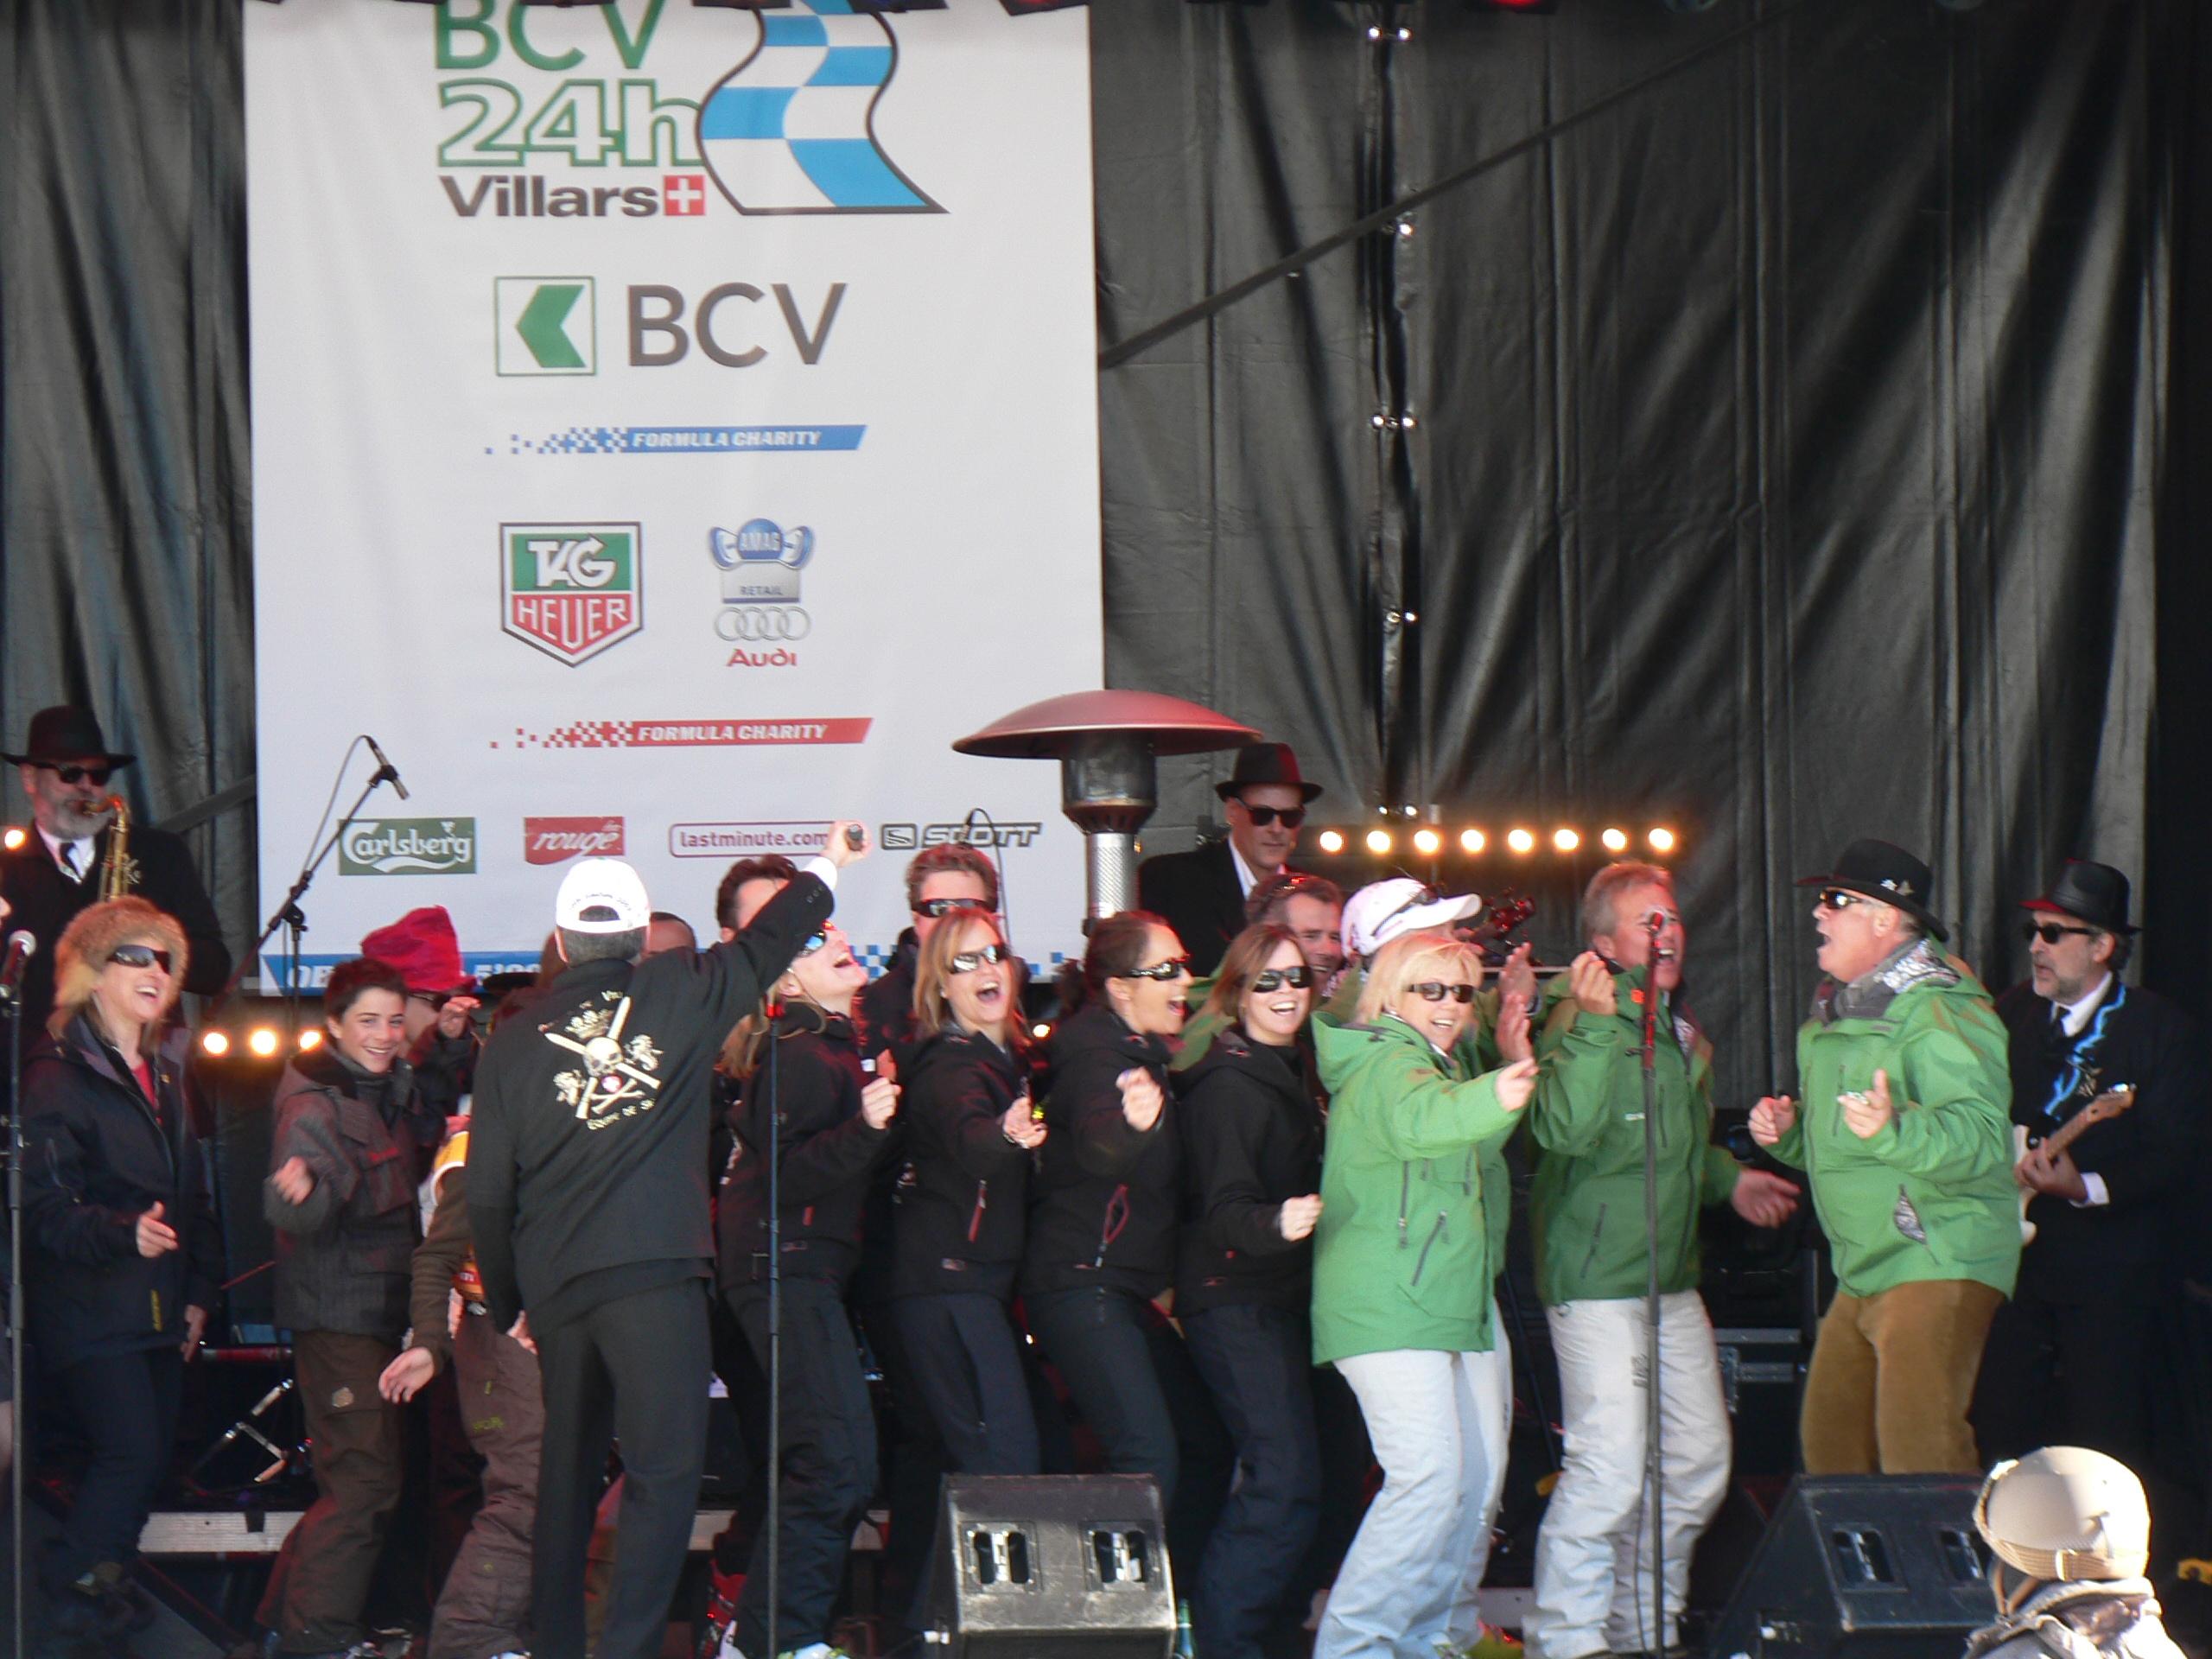 BCV24H Villars